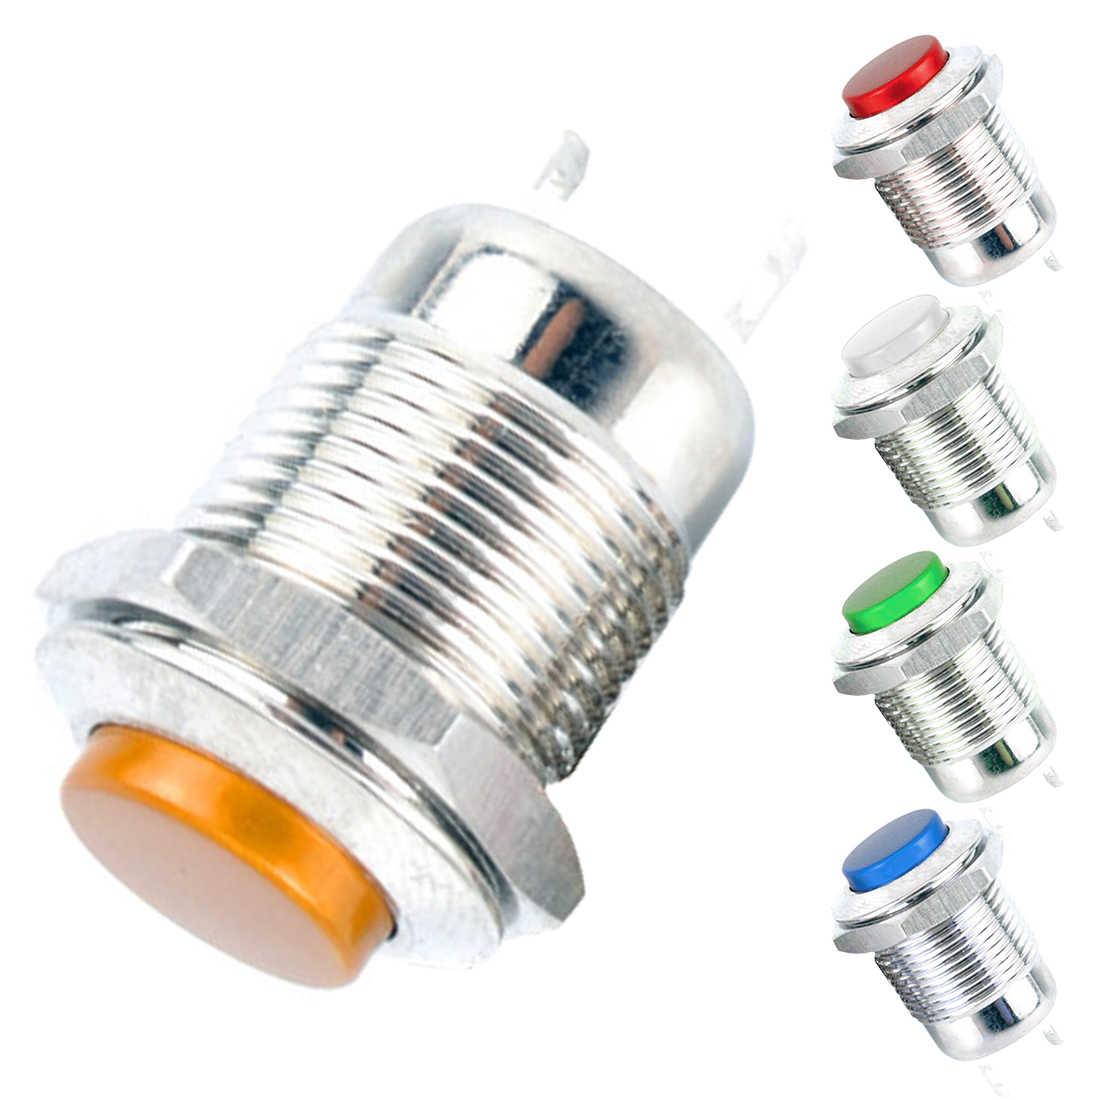 Высокое качество 12 мм с светодио дный 3 В 5 В 12 В 24 В 220 В металла переключатель кратковременное нажатие кнопка автоматического сброса Водонепроницаемый с подсветкой